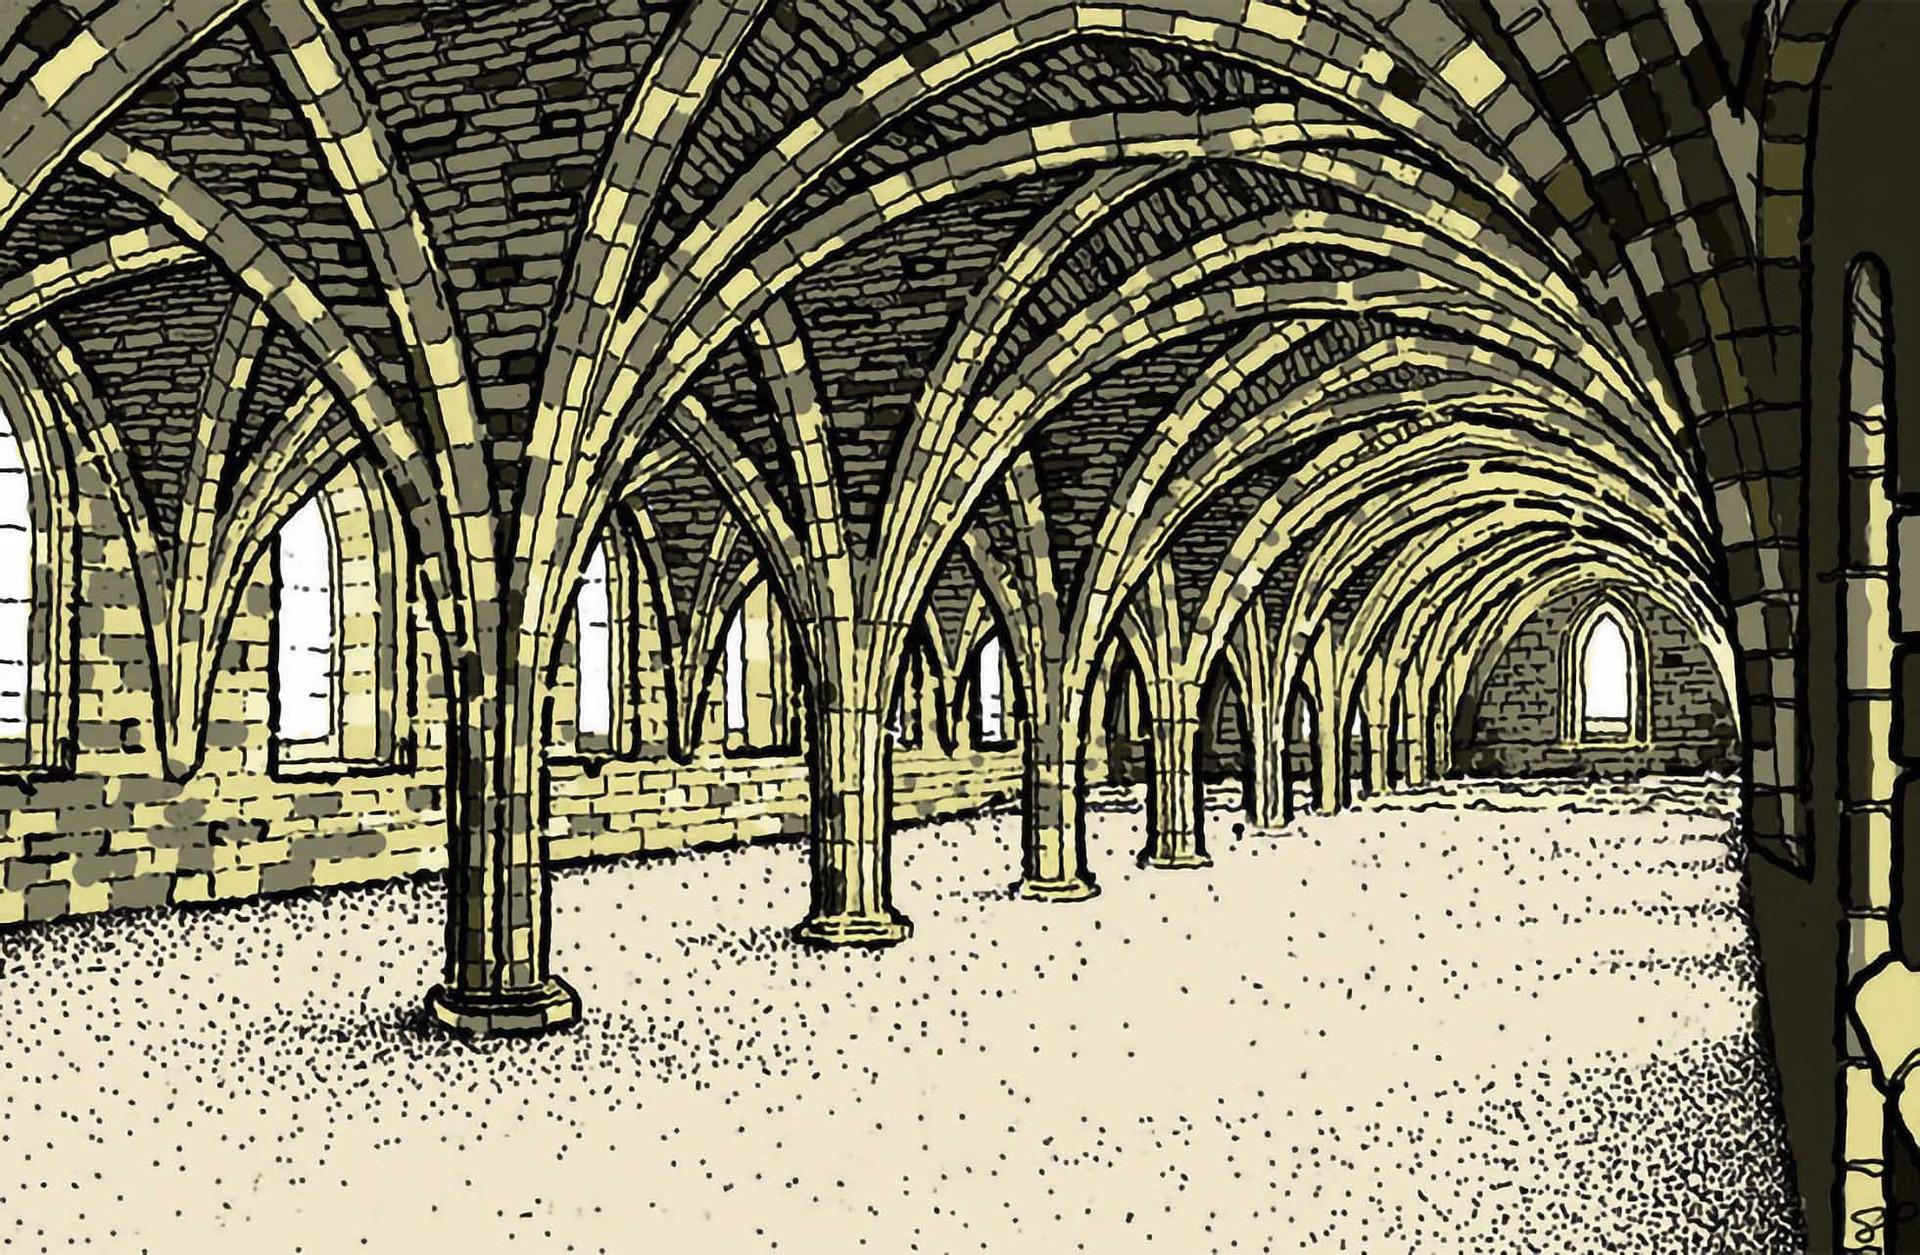 The Cellarium Illustration